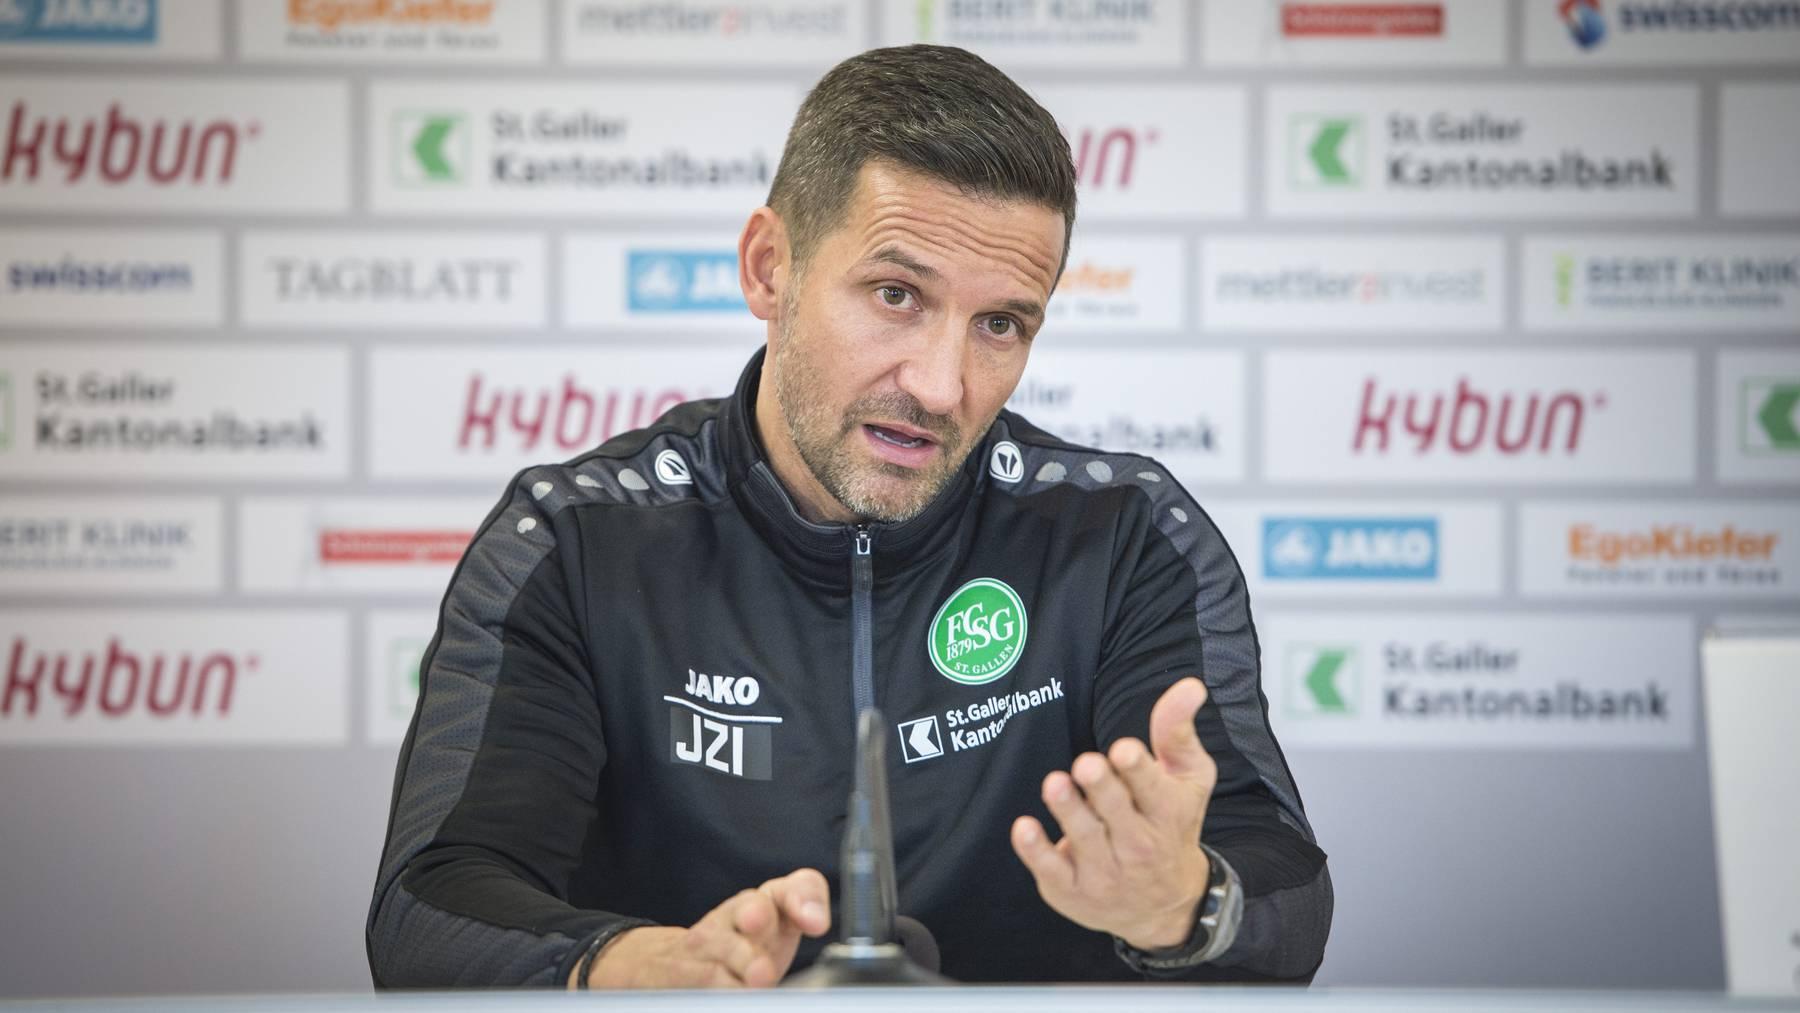 Joe Zinnbauer möchte dem FC Lugano offensiv begegnen, ohne jedoch ins offene Messer zu laufen. Dies verriet er am Freitag bei einer Medienkonferenz.